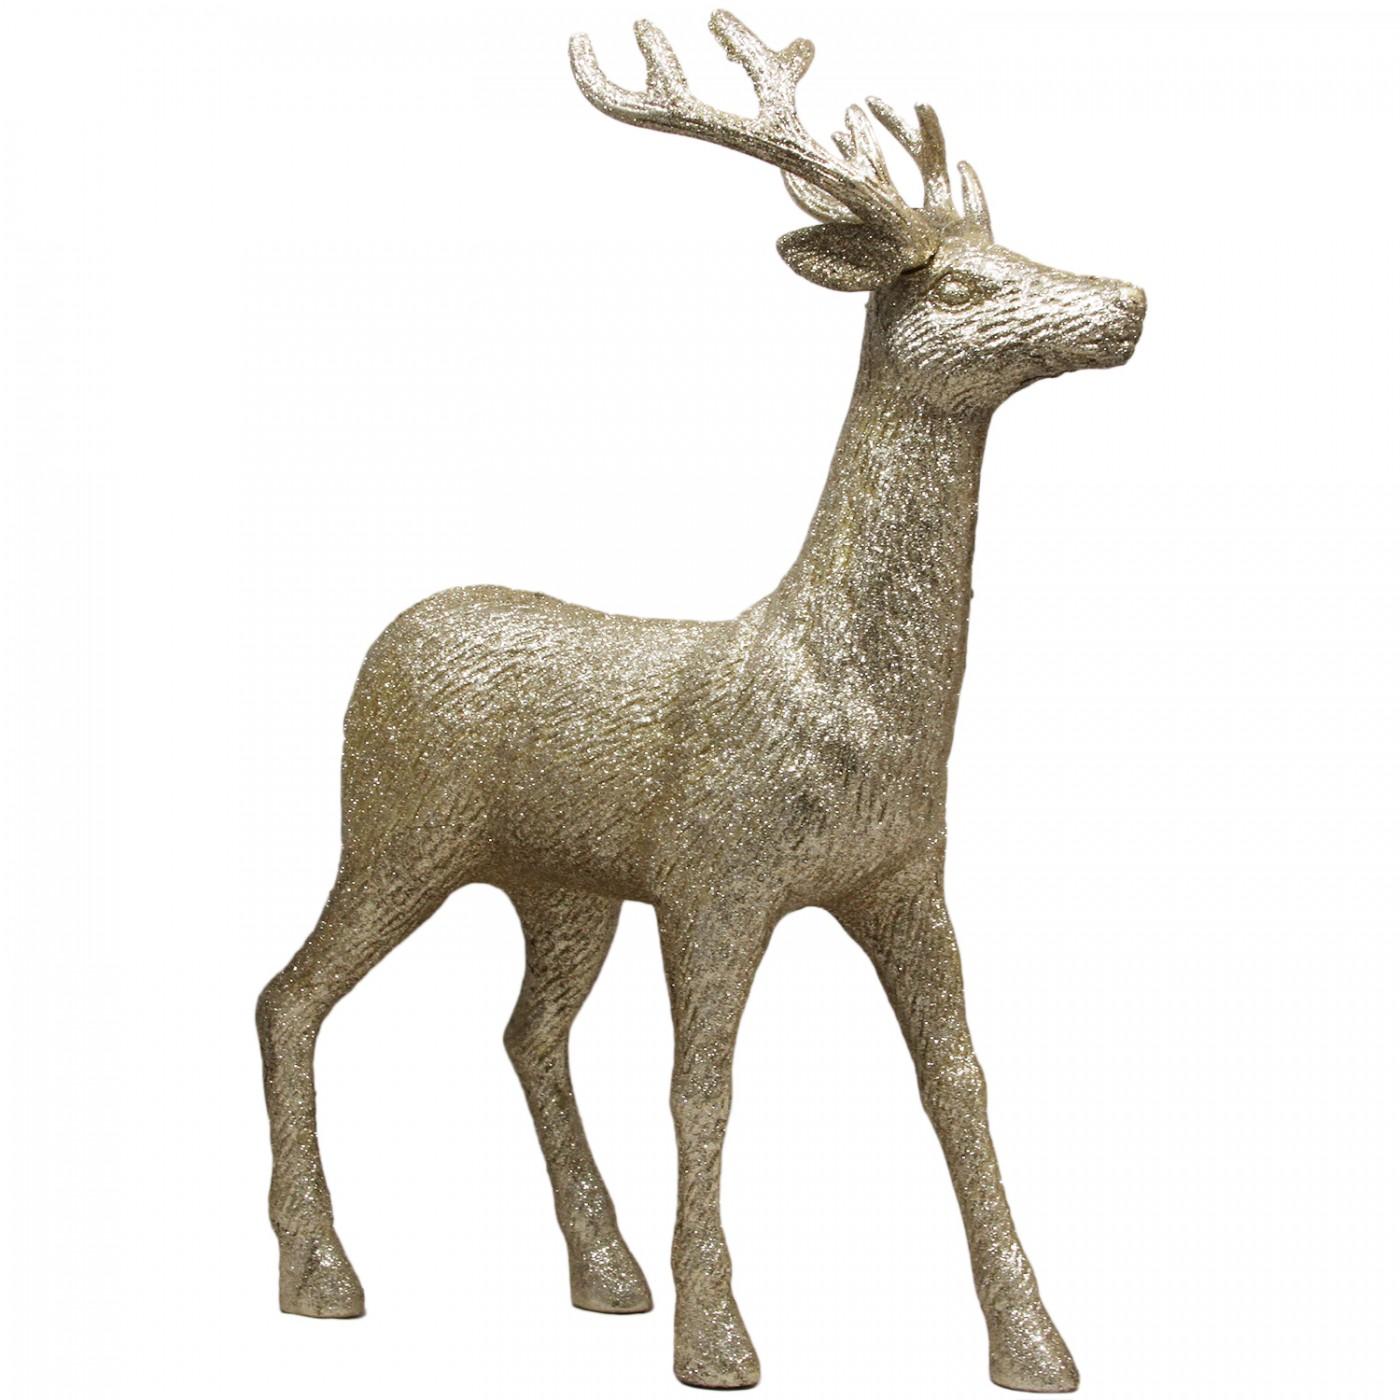 Figurka ozdobna Renifer świąteczna złota - duża